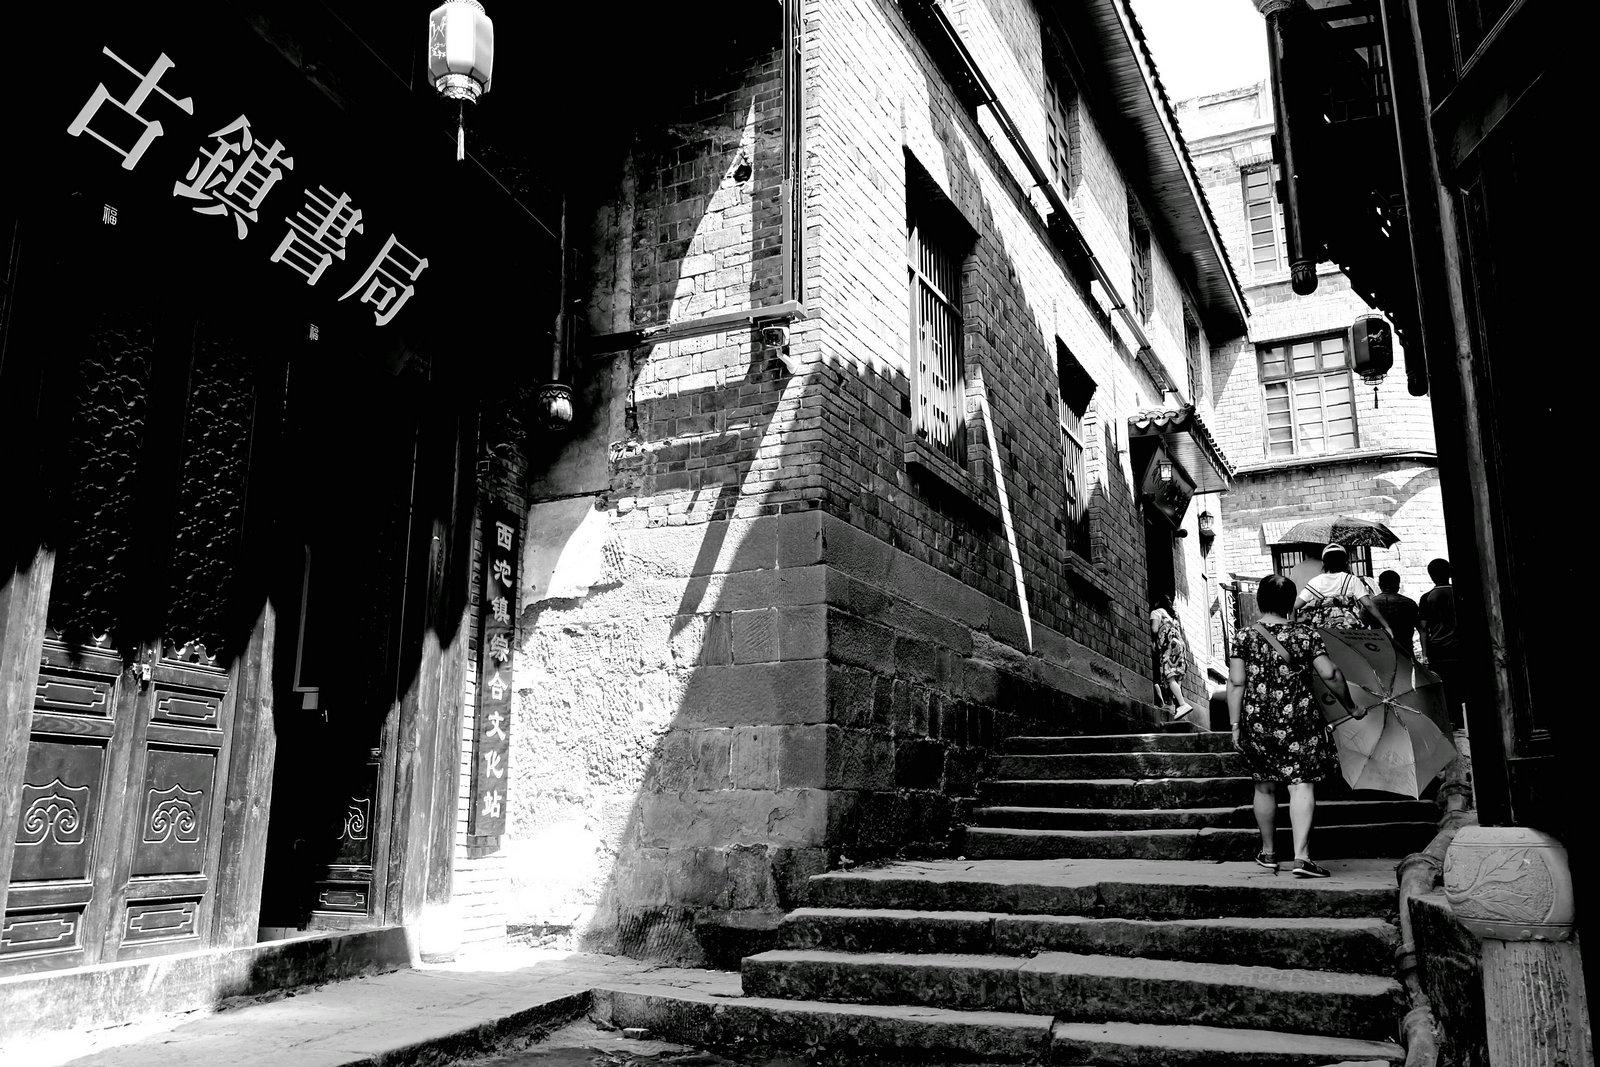 狮子123作品:万里长江第一街